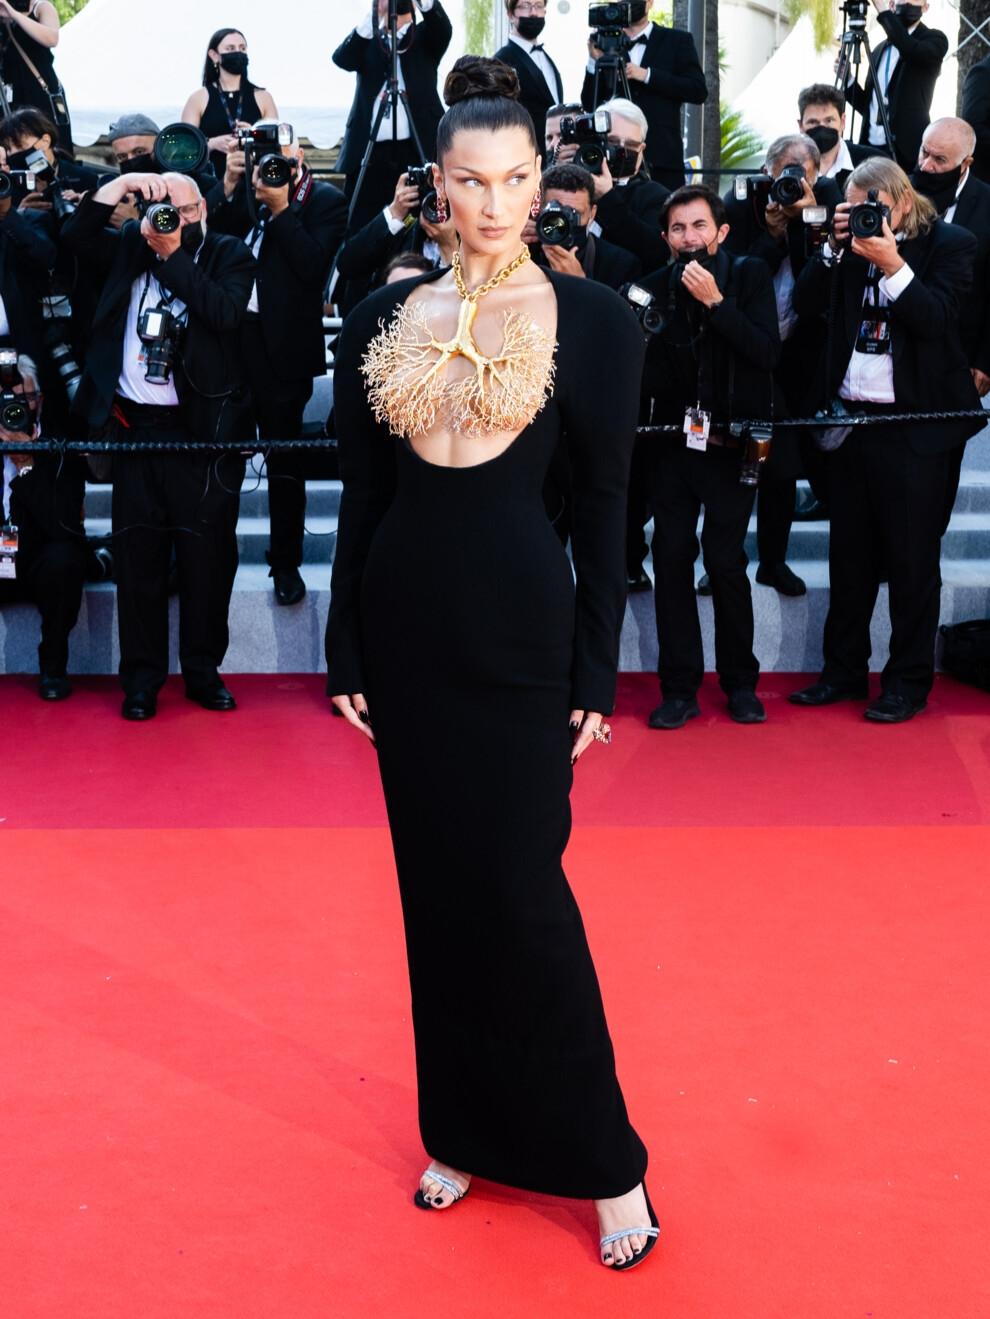 Золотые бронхи и обнаженная грудь: Белла Хадид показала самое эффектное платье на Каннском кинофестивале (ФОТО) - фото №1